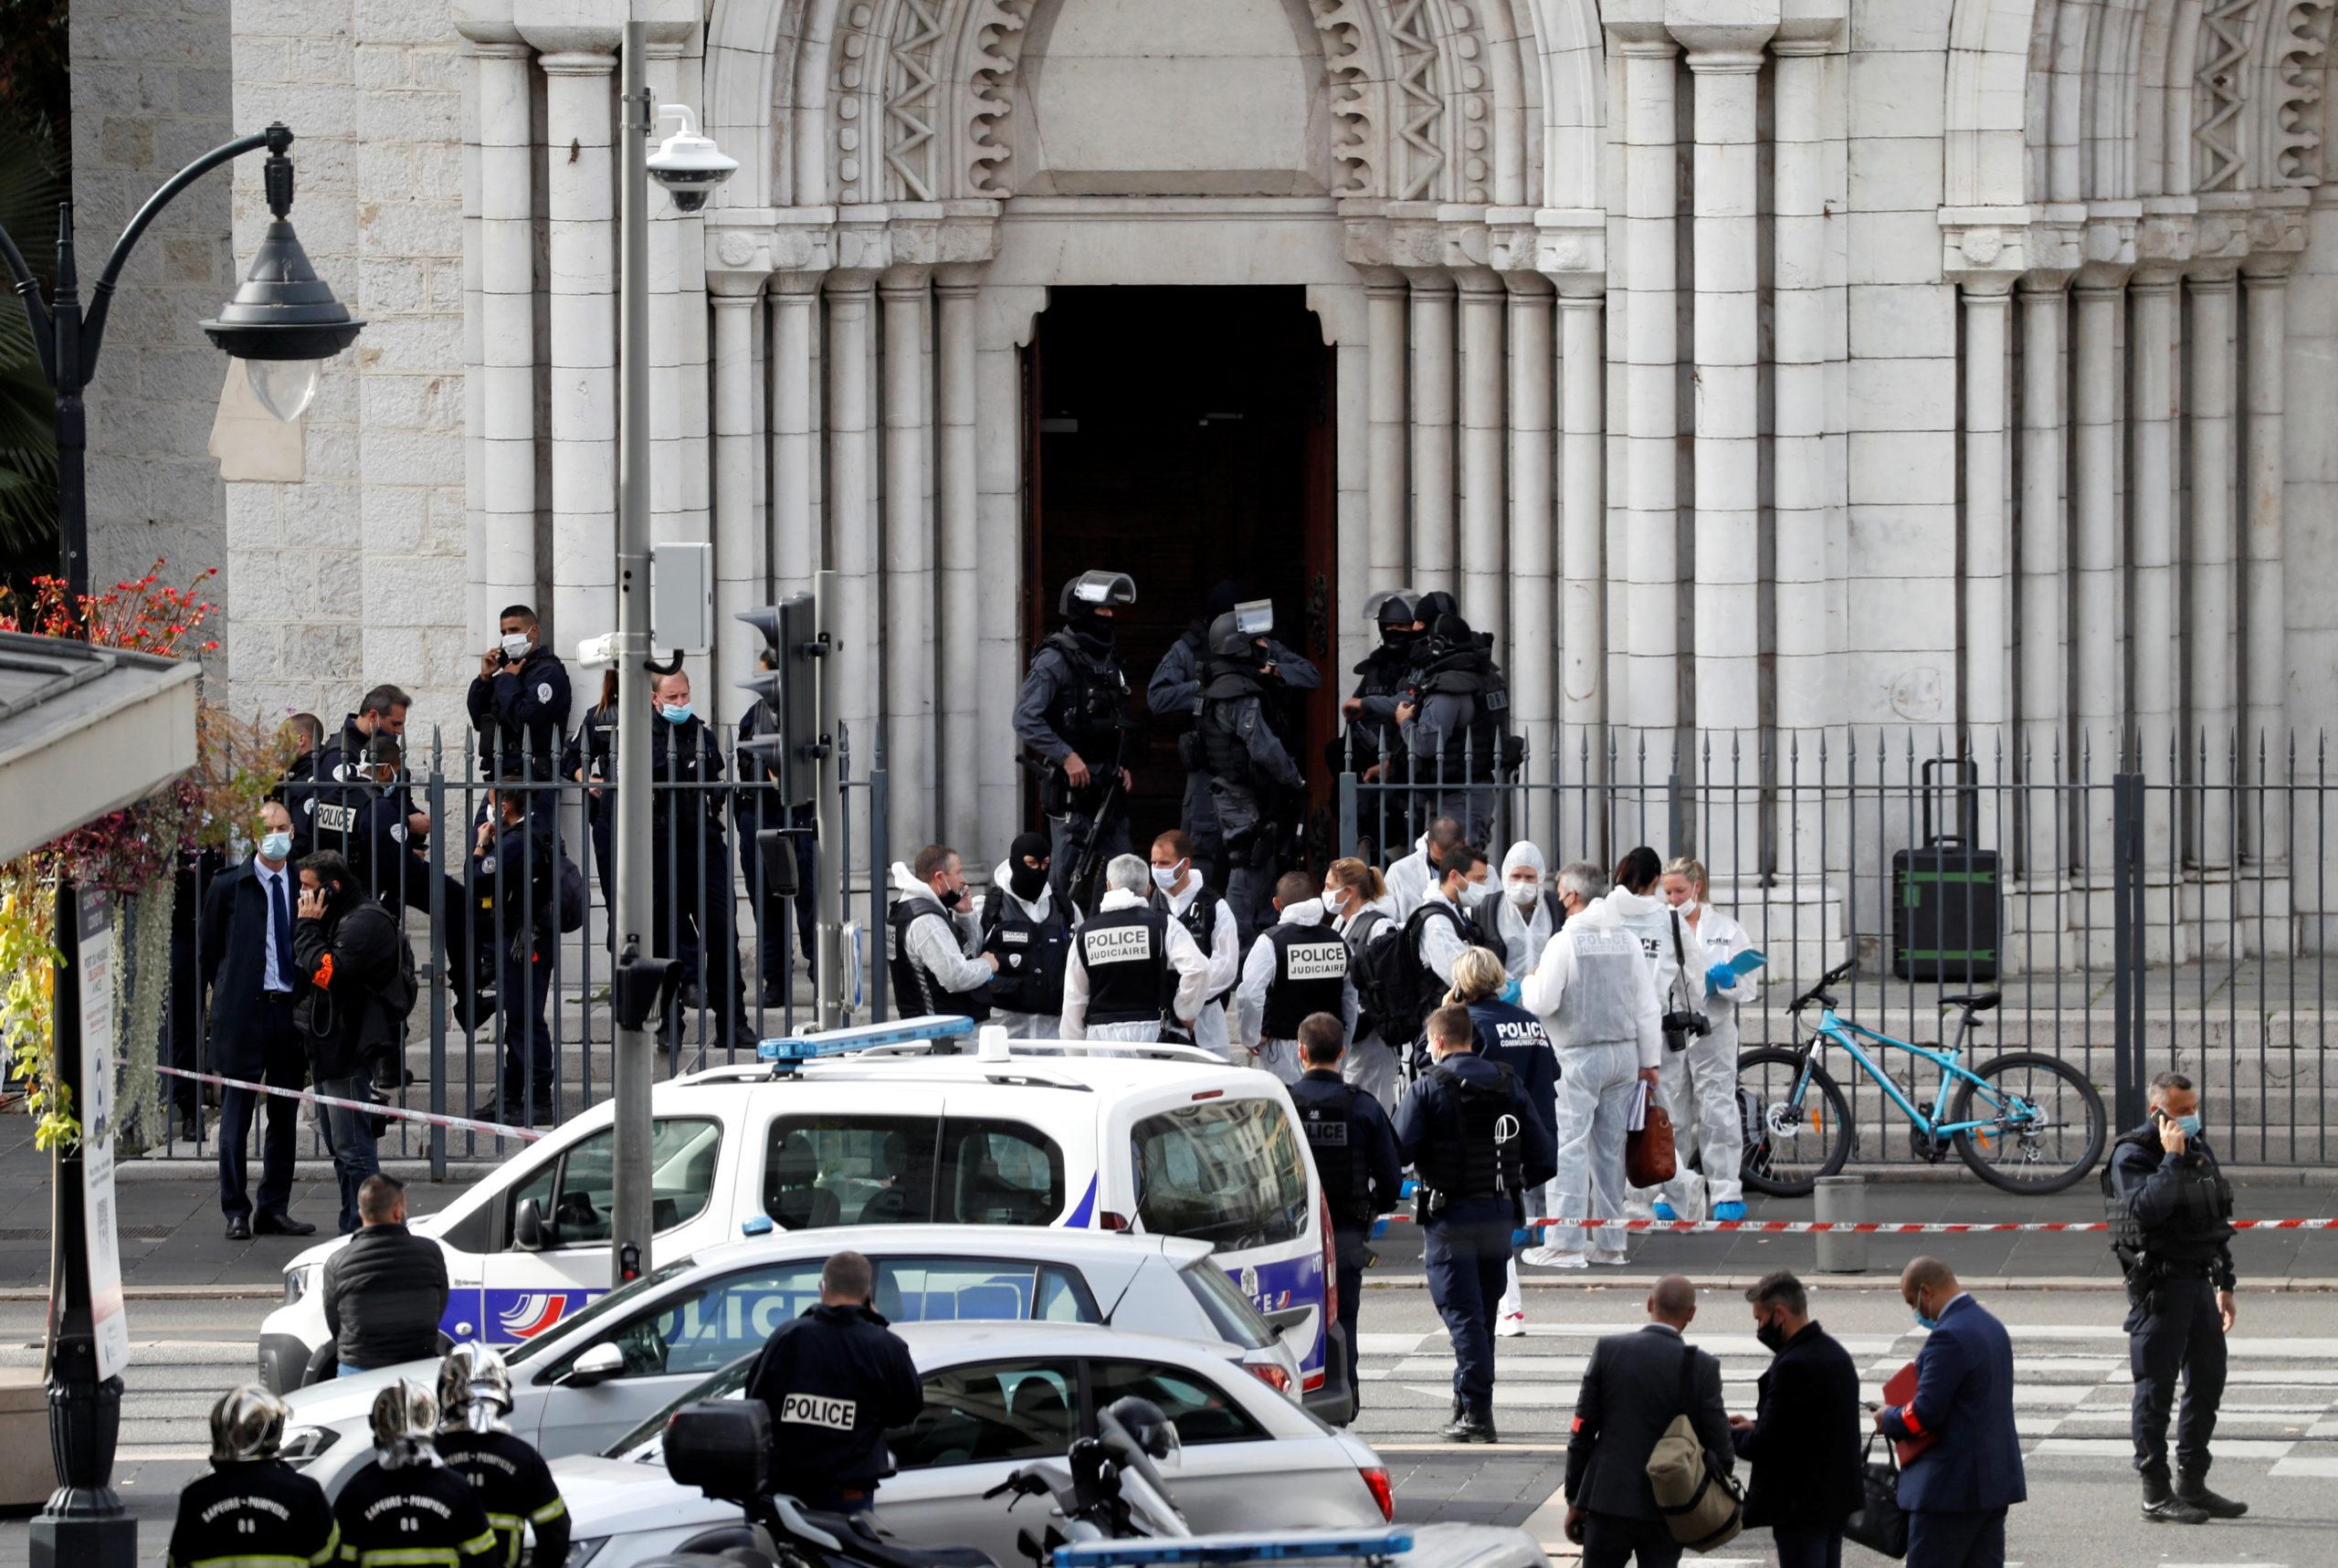 Un Tunisien de 21 ans massacre trois personnes dans une église à Nice